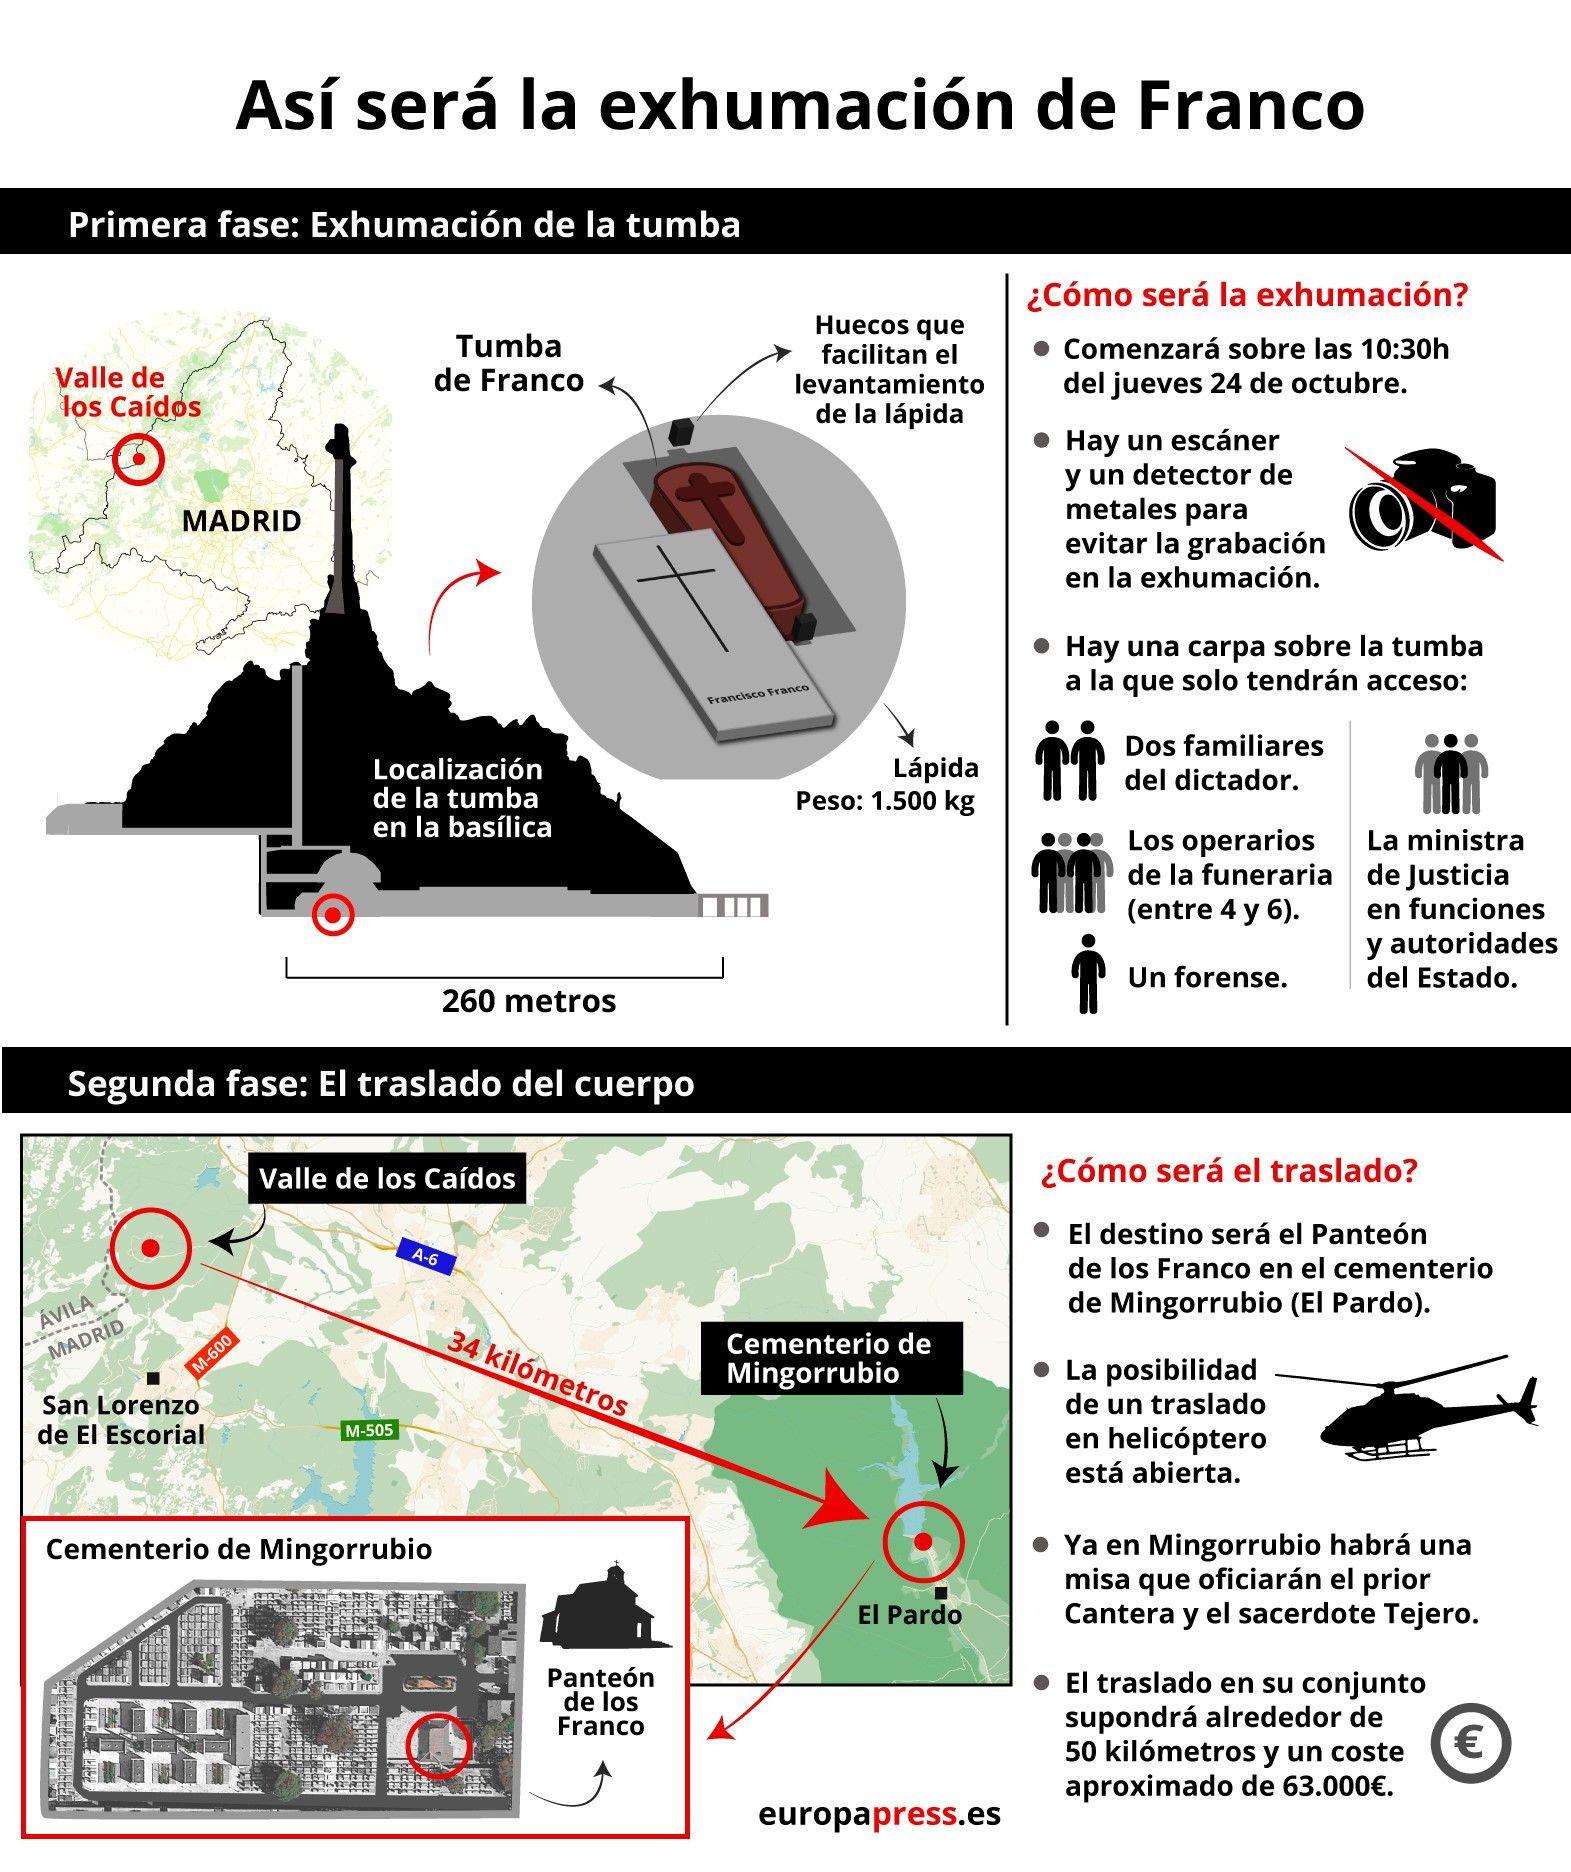 Infografía con datos sobre la exhumación, recorrido e inhumación del cuerpo de Francisco Franco desde el Valle de los Caídos hasta el cementerio de Mingorrubio en el barrio madrileño de El Pardo,